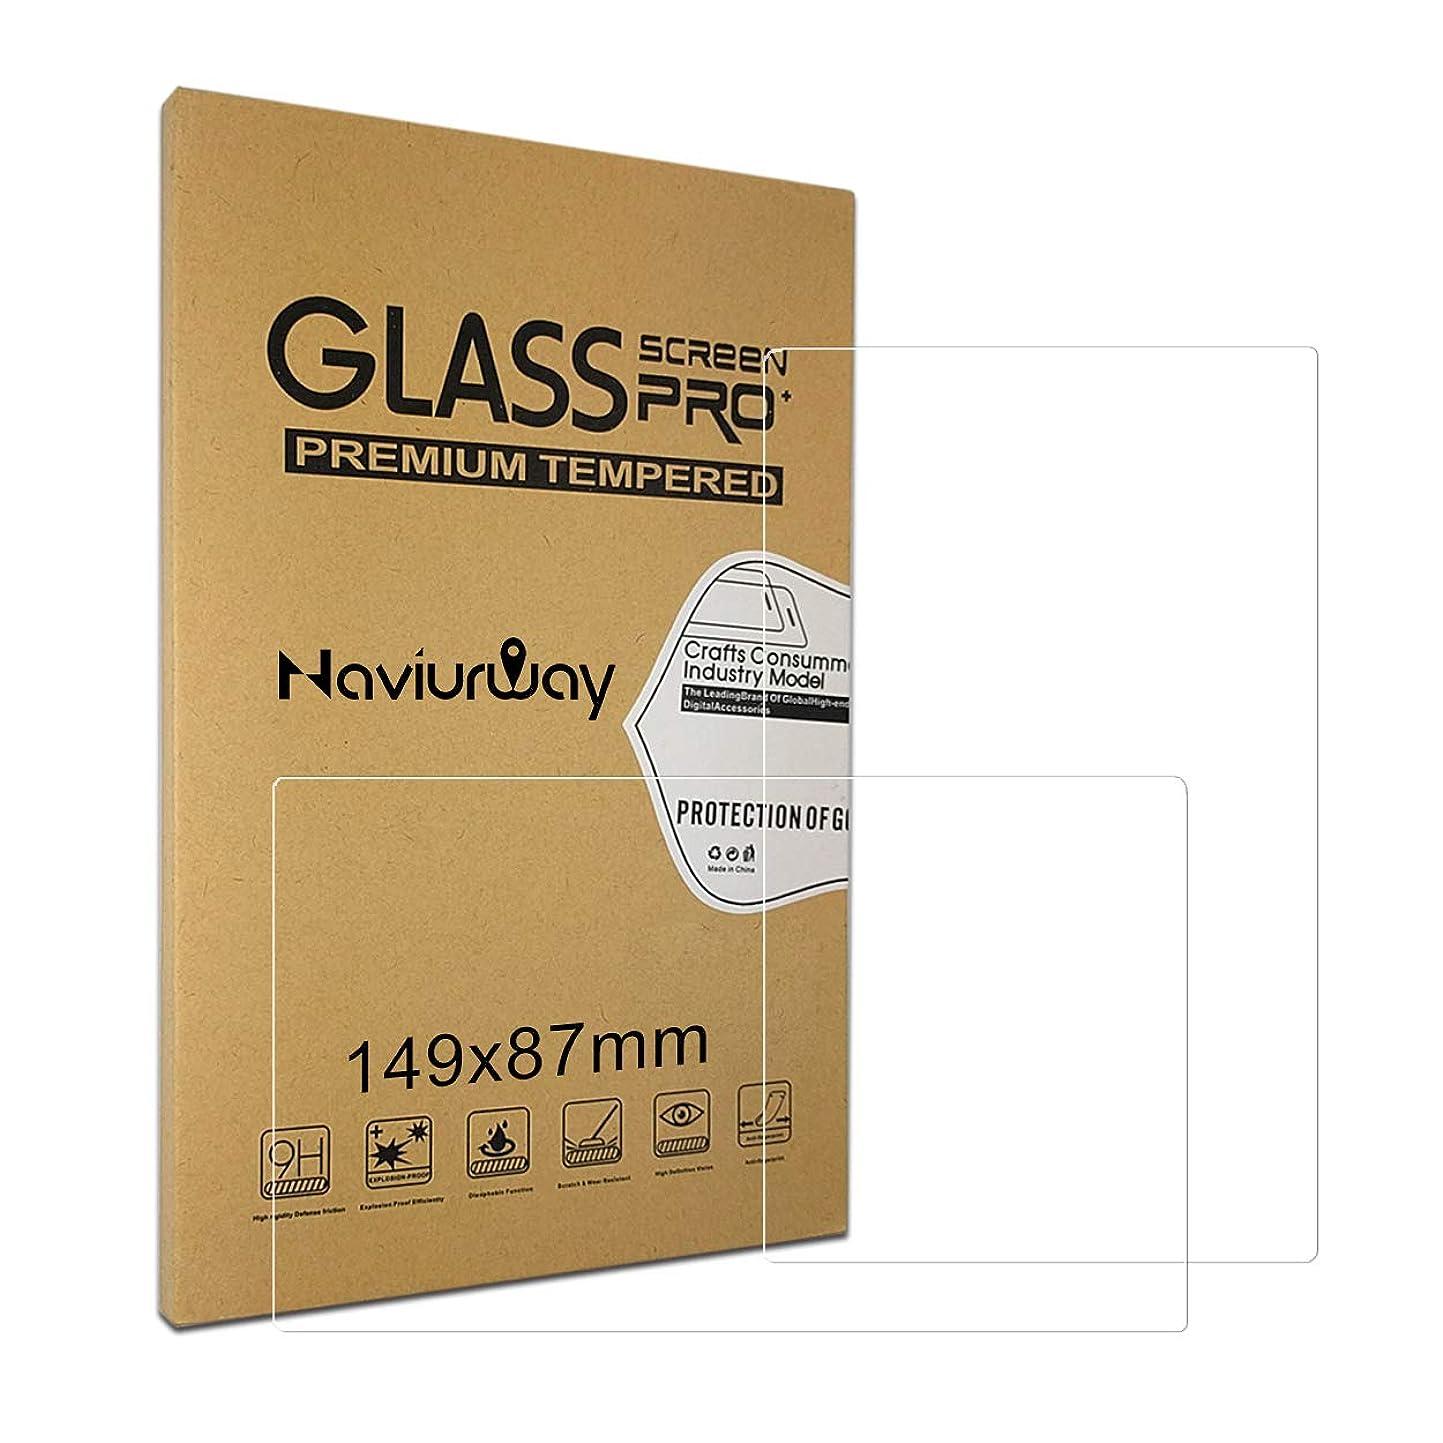 プレフィックス考えマカダムNaviurway 6.79インチ 149mm x 87mm 強化ガラススクリーンプロテクター ディスプレイガラスフィルム 2個パック 車 DVD GPS Headunit Global ナビゲーションシステム ポータブルデバイスモニター